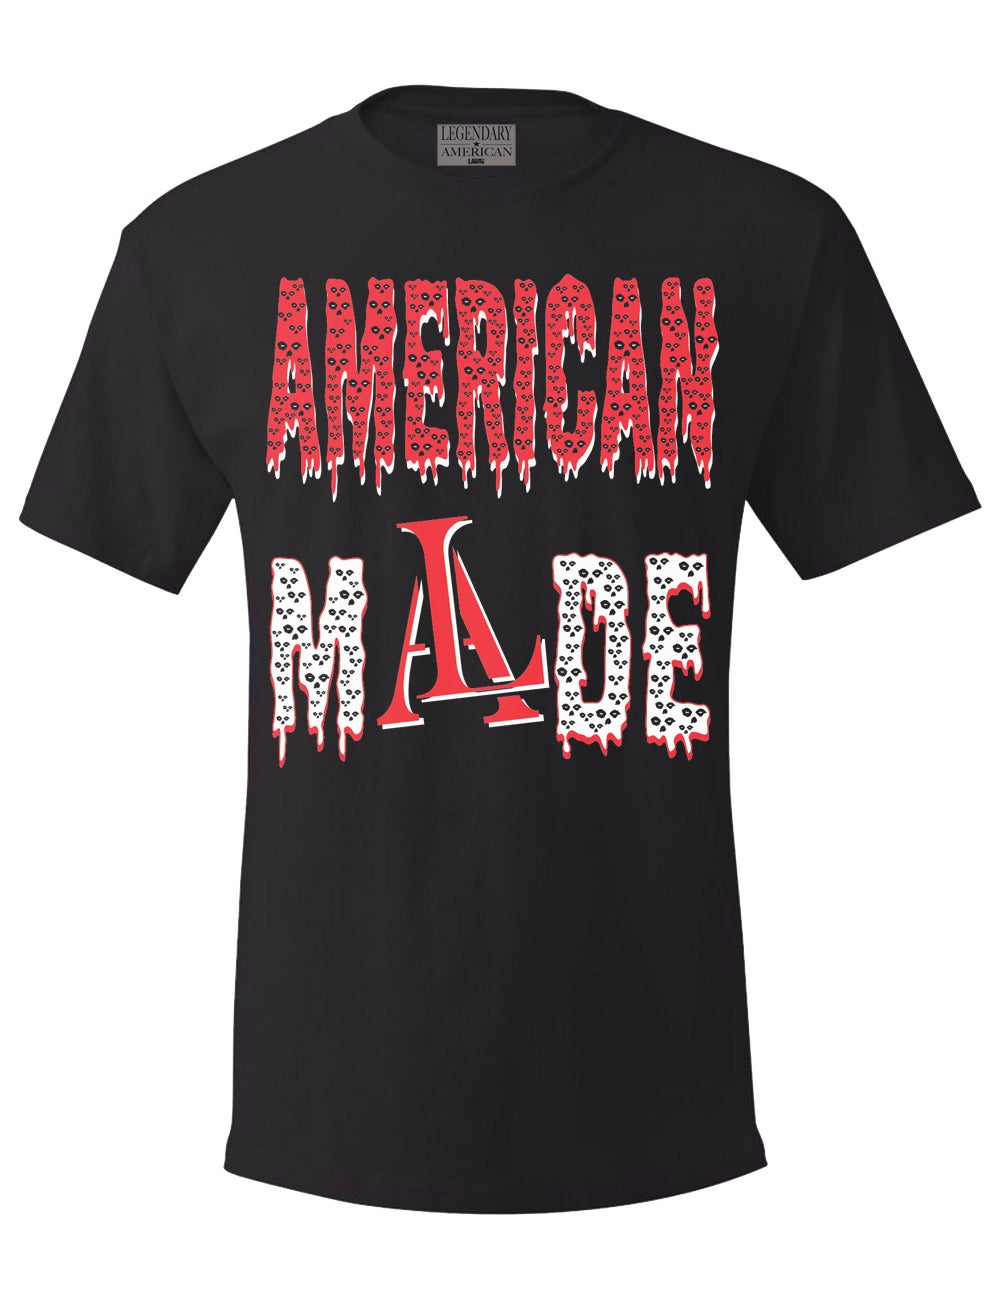 Image of Legendary American American Misfit tee